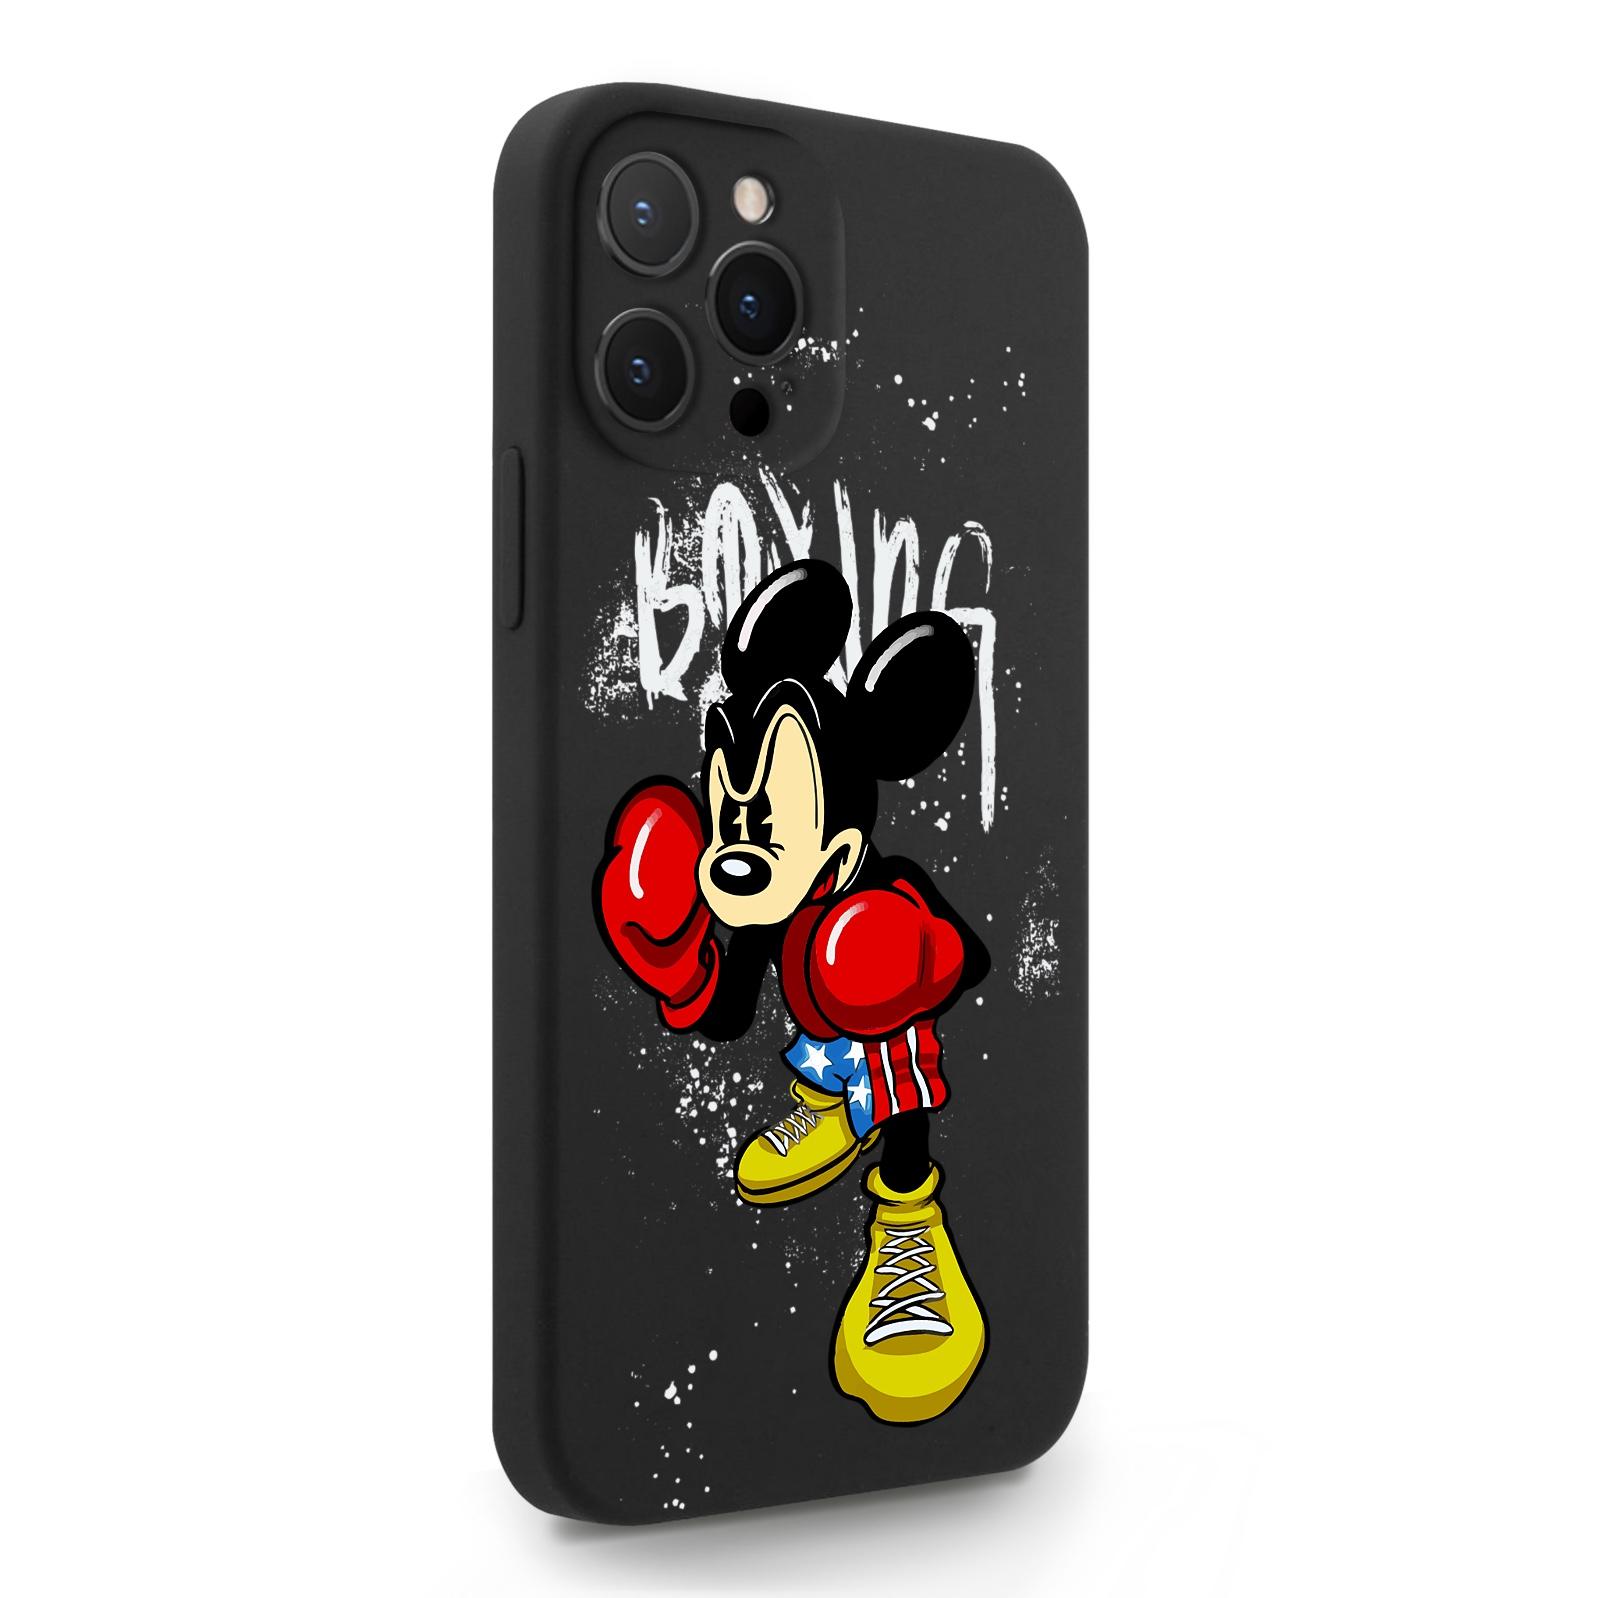 Черный силиконовый чехол для iPhone 12 Pro Max Мышонок Боксер для Айфон 12 Про Макс